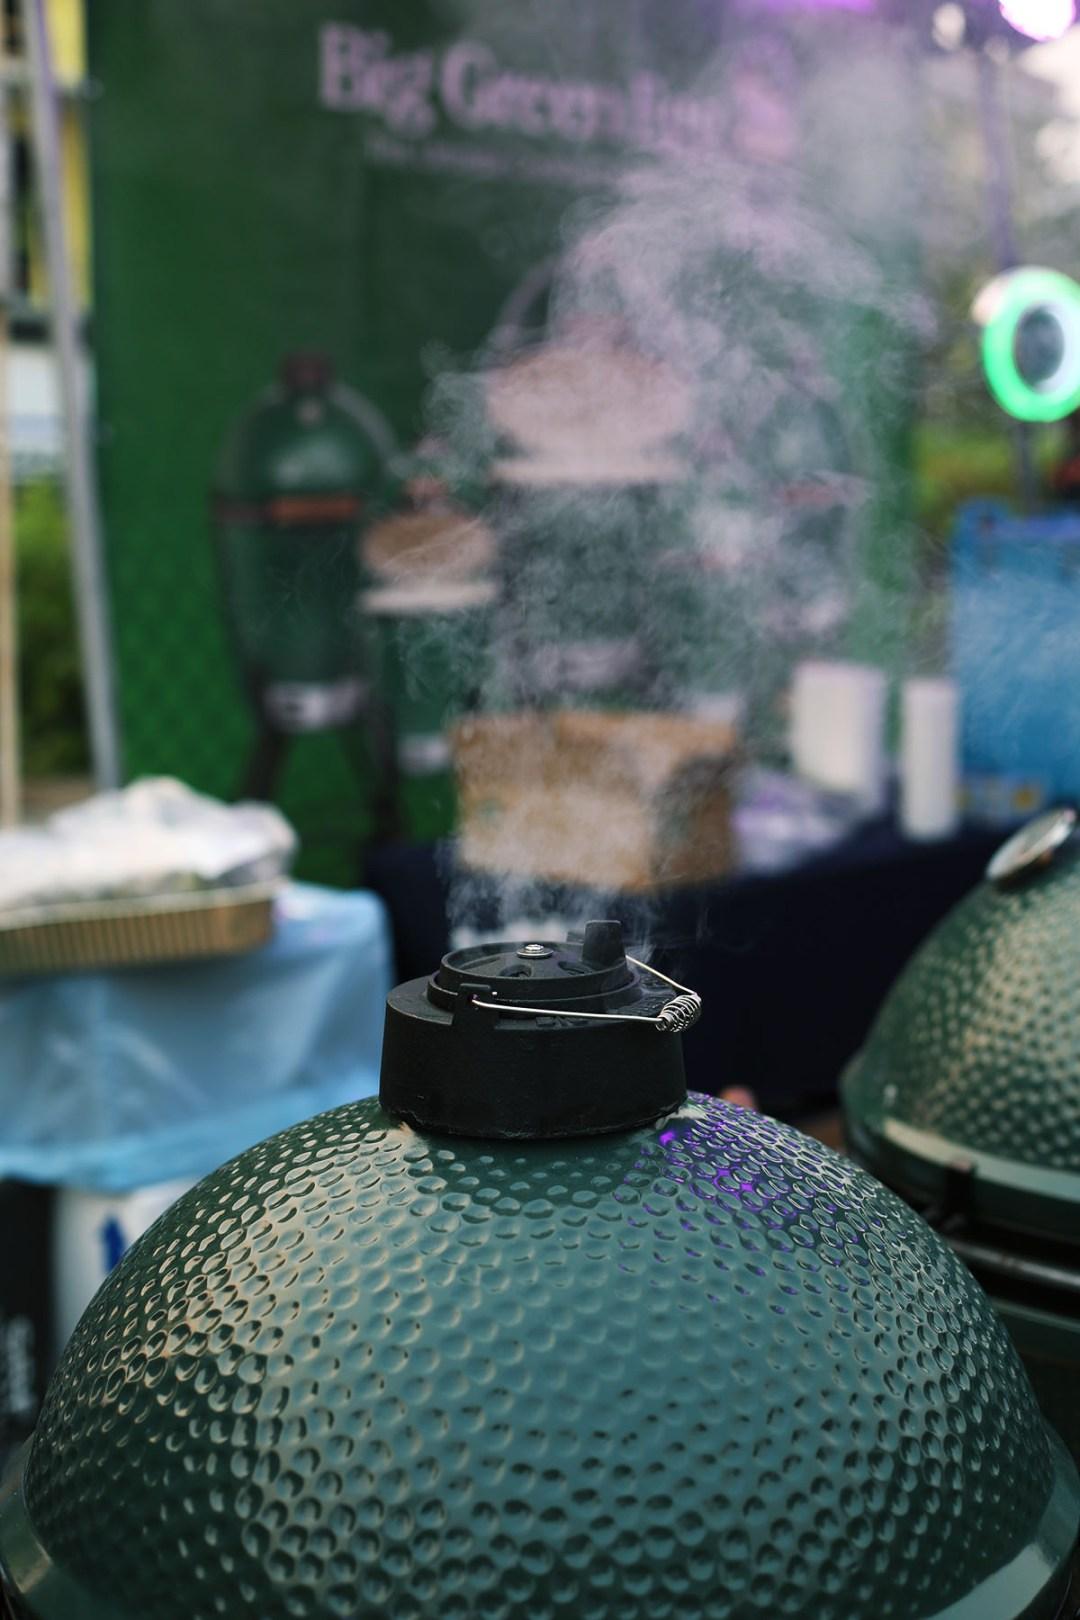 Smoked! Presented by Tillamook